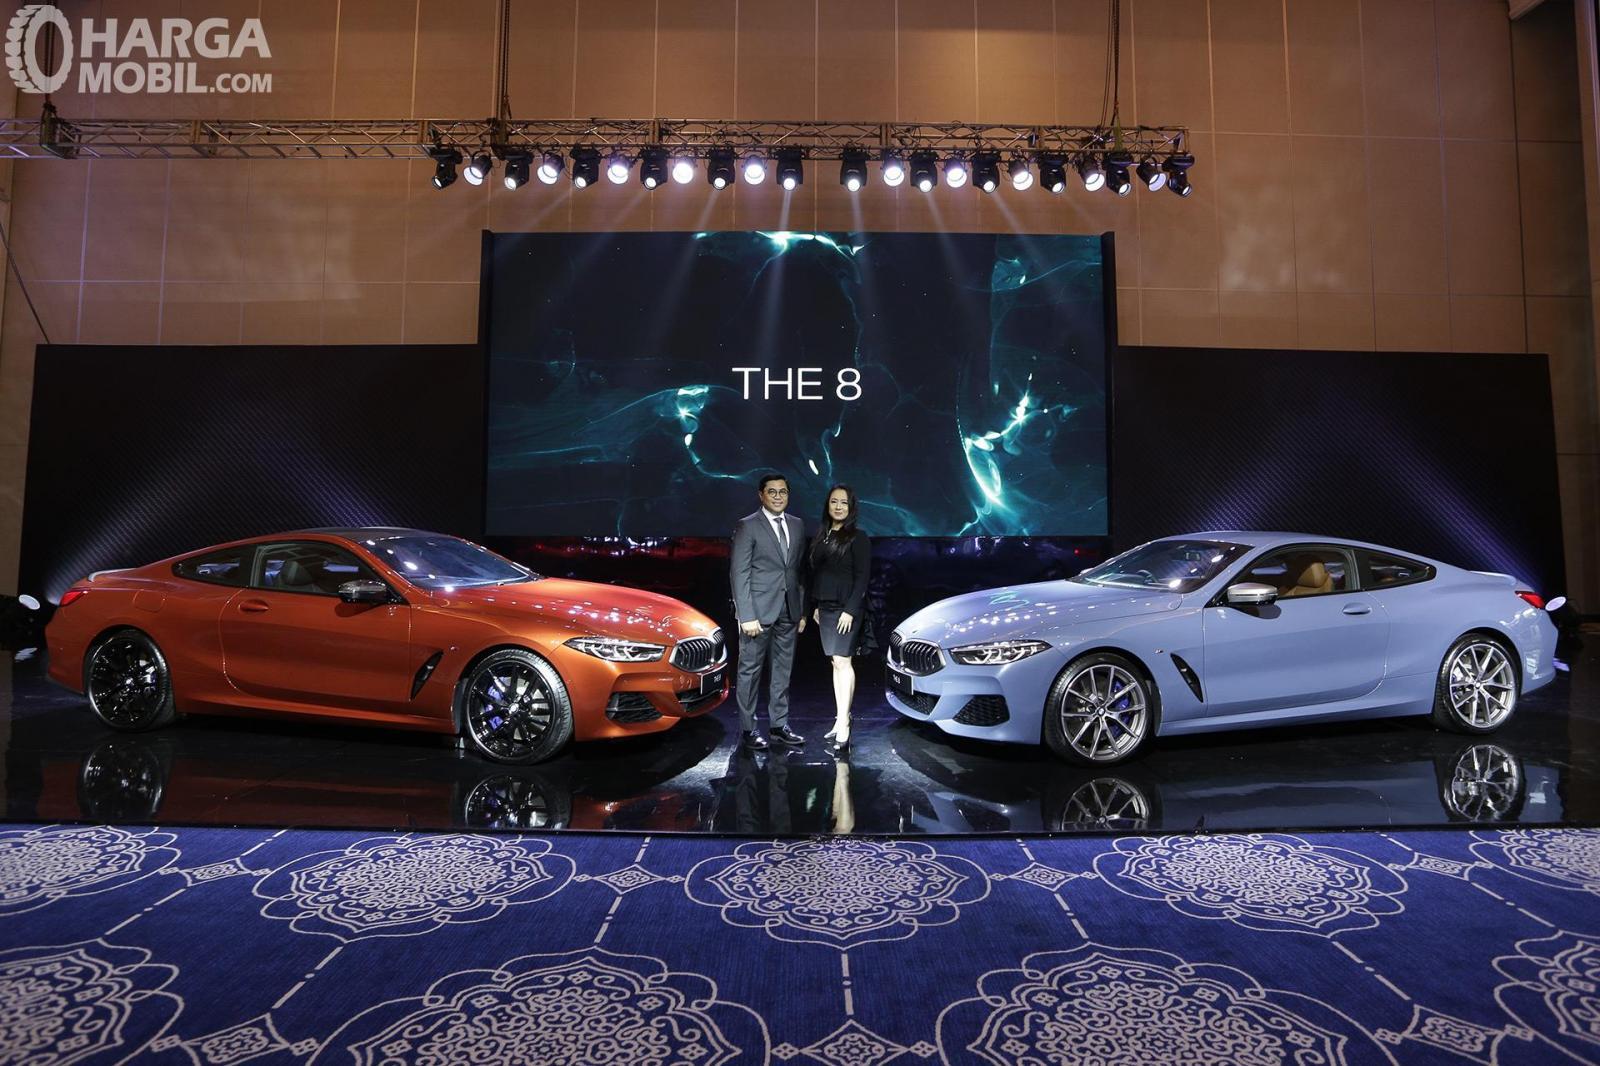 Informasi peluncuran All New BMW 8 Series beserta promo dari BMW Indonesia